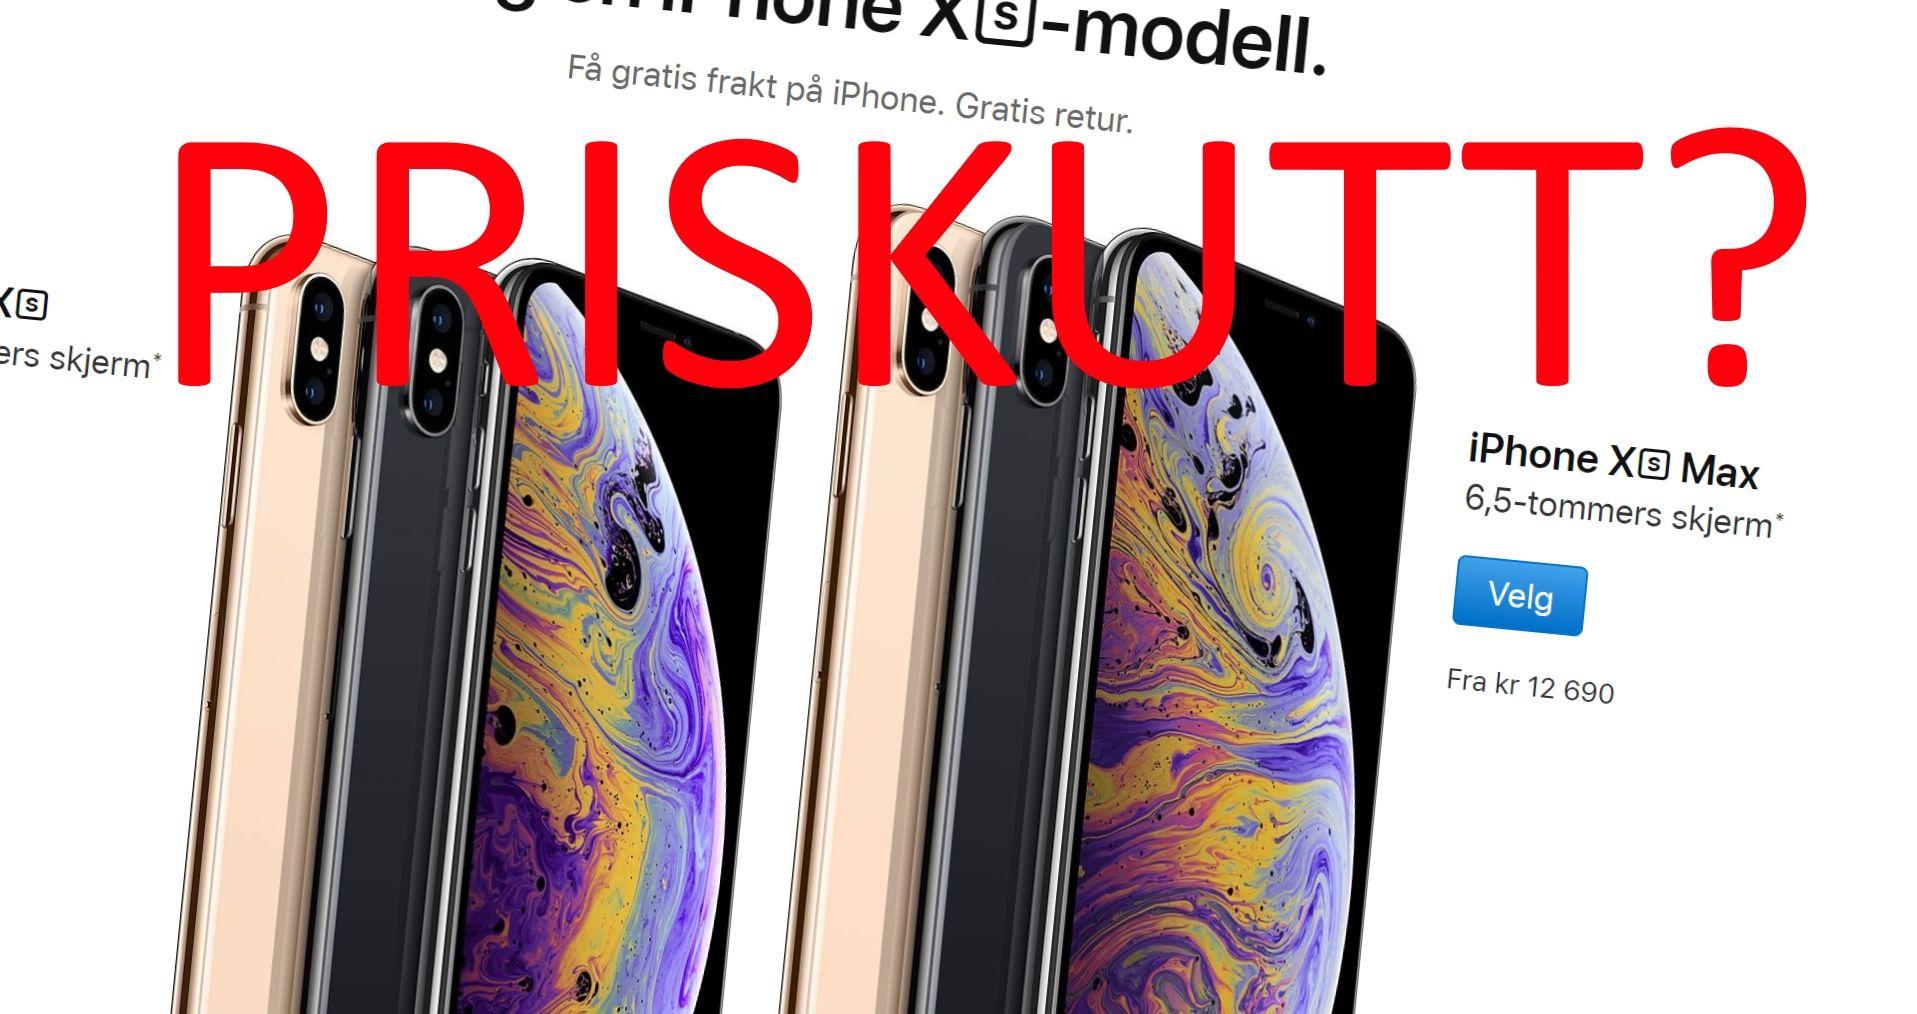 Er Norge en av landene som endelig får iPhone billigere?